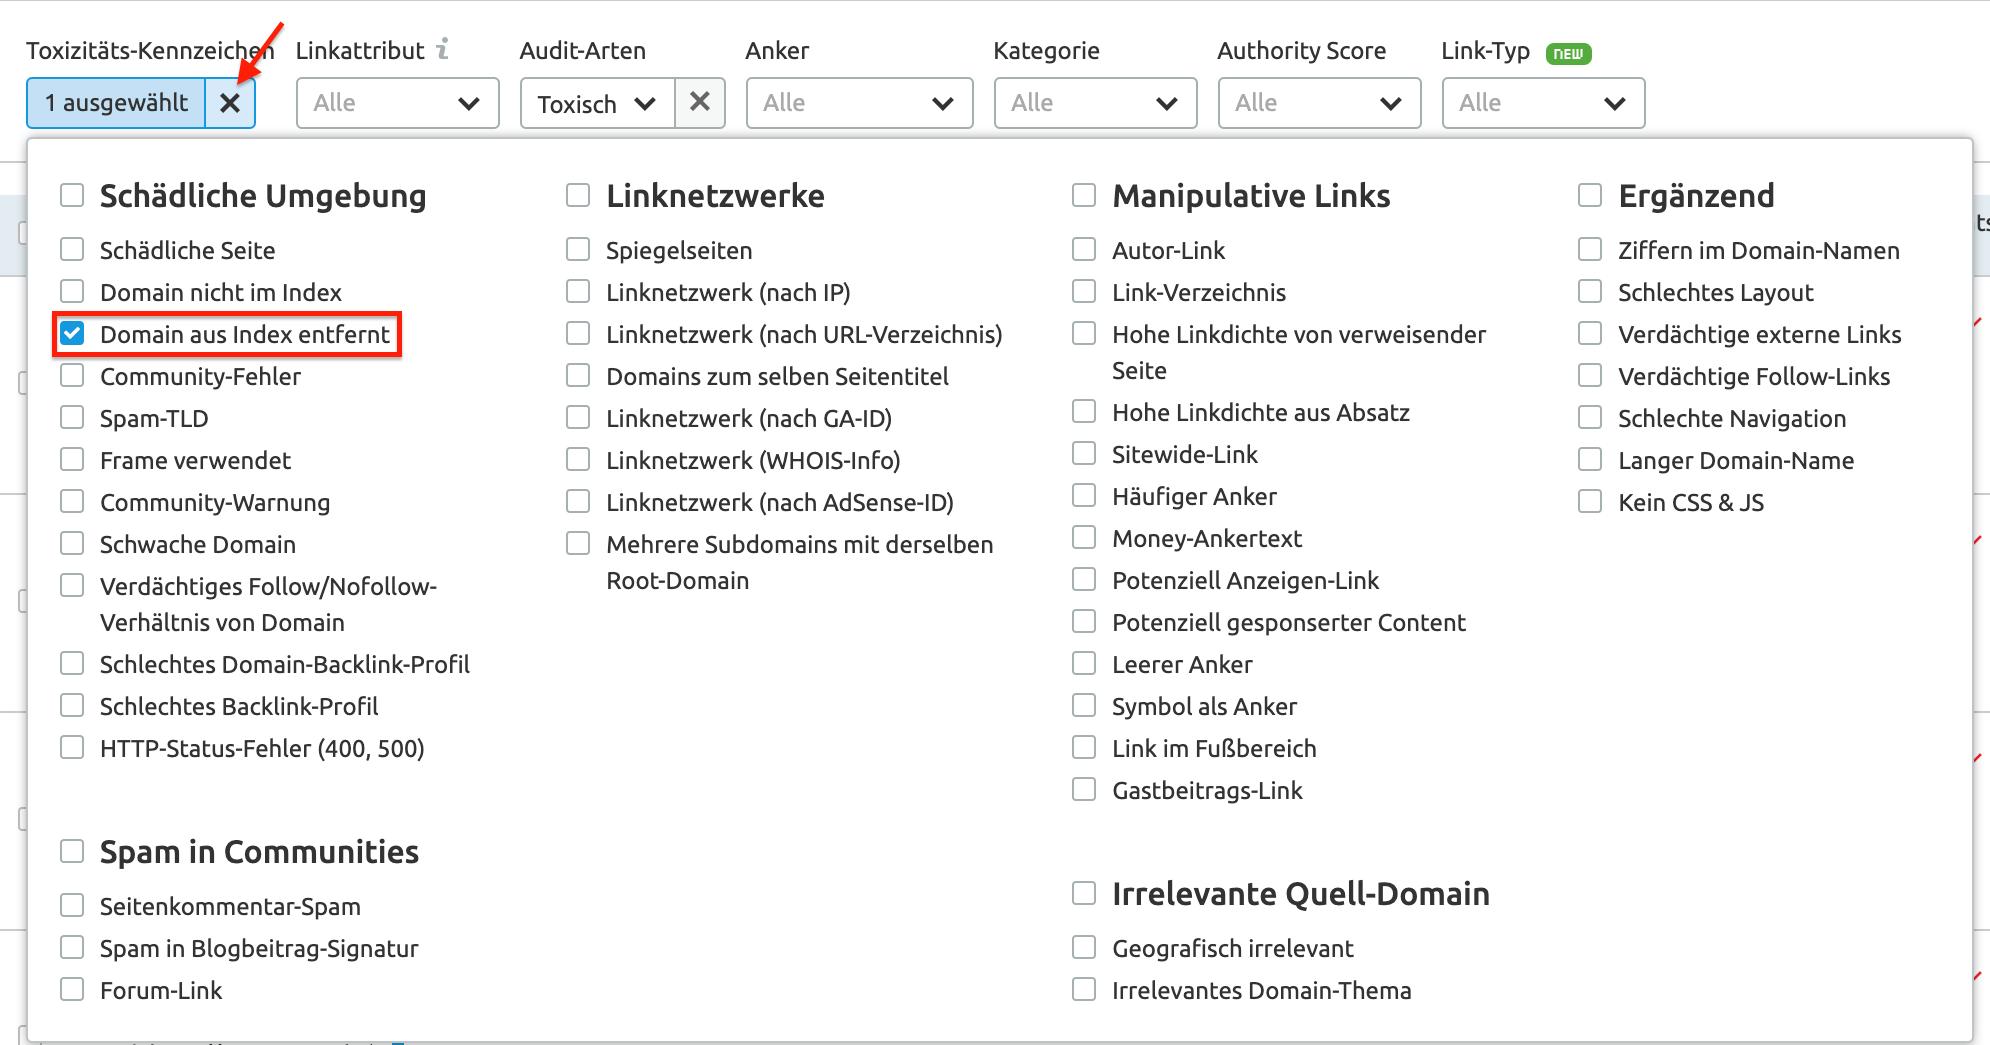 Backlink-Audit: Toxizitäts-Kennzeichen